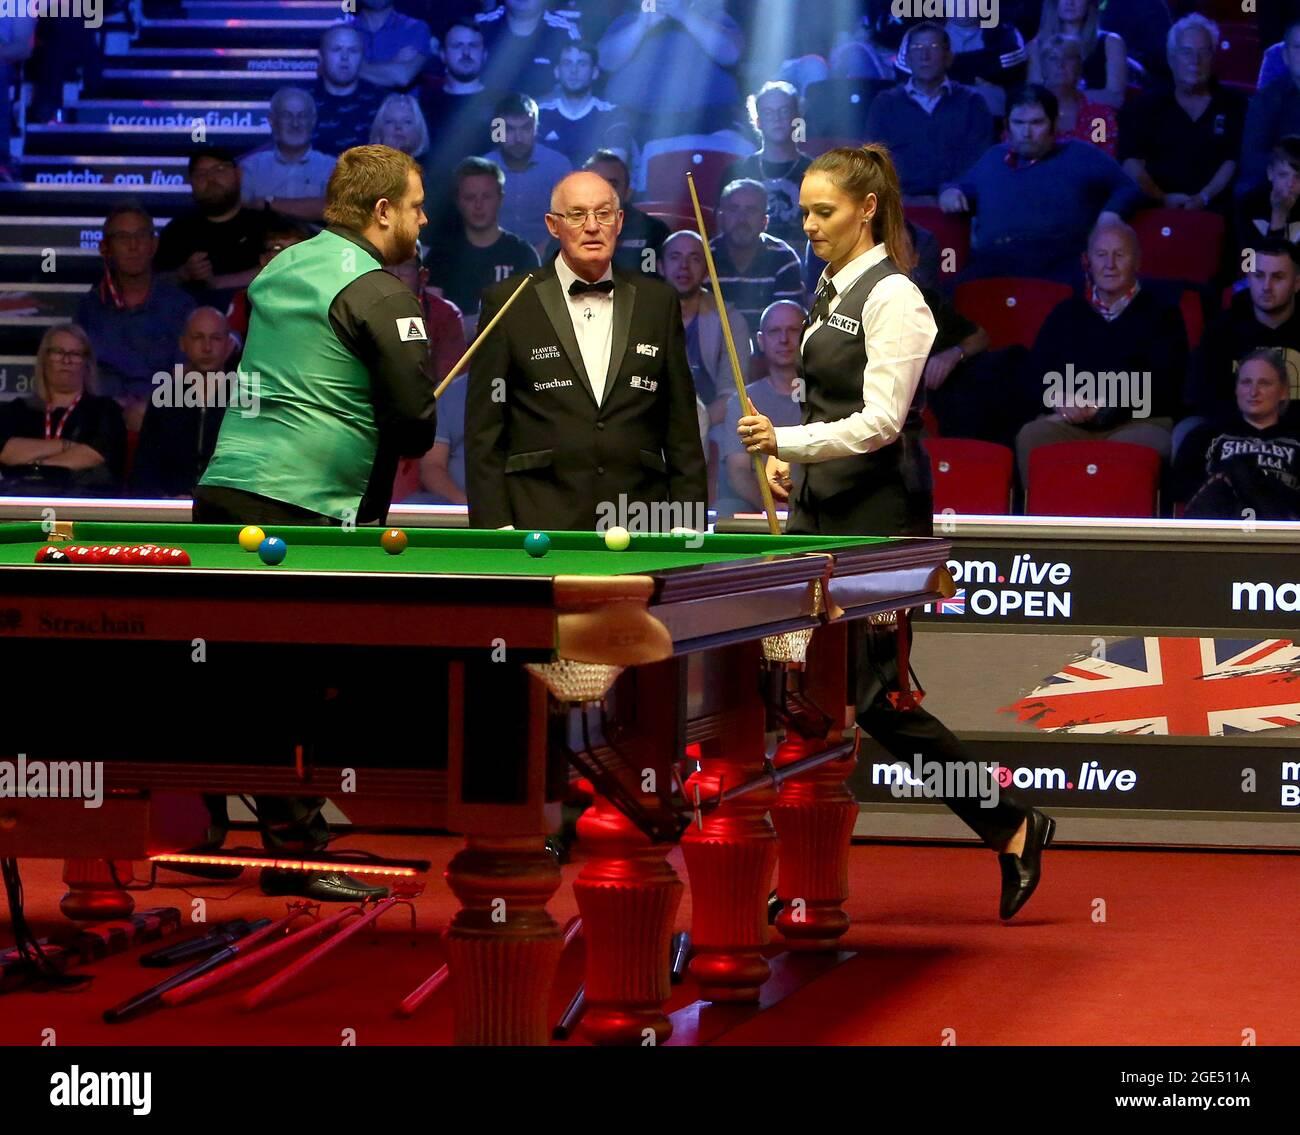 16. August 2021; Morningside Arena, Leicester, England; British Open Snooker Championship; Mark Allan und Reanne Evans starten ihr Spiel ohne Händeschütteln Stockfoto